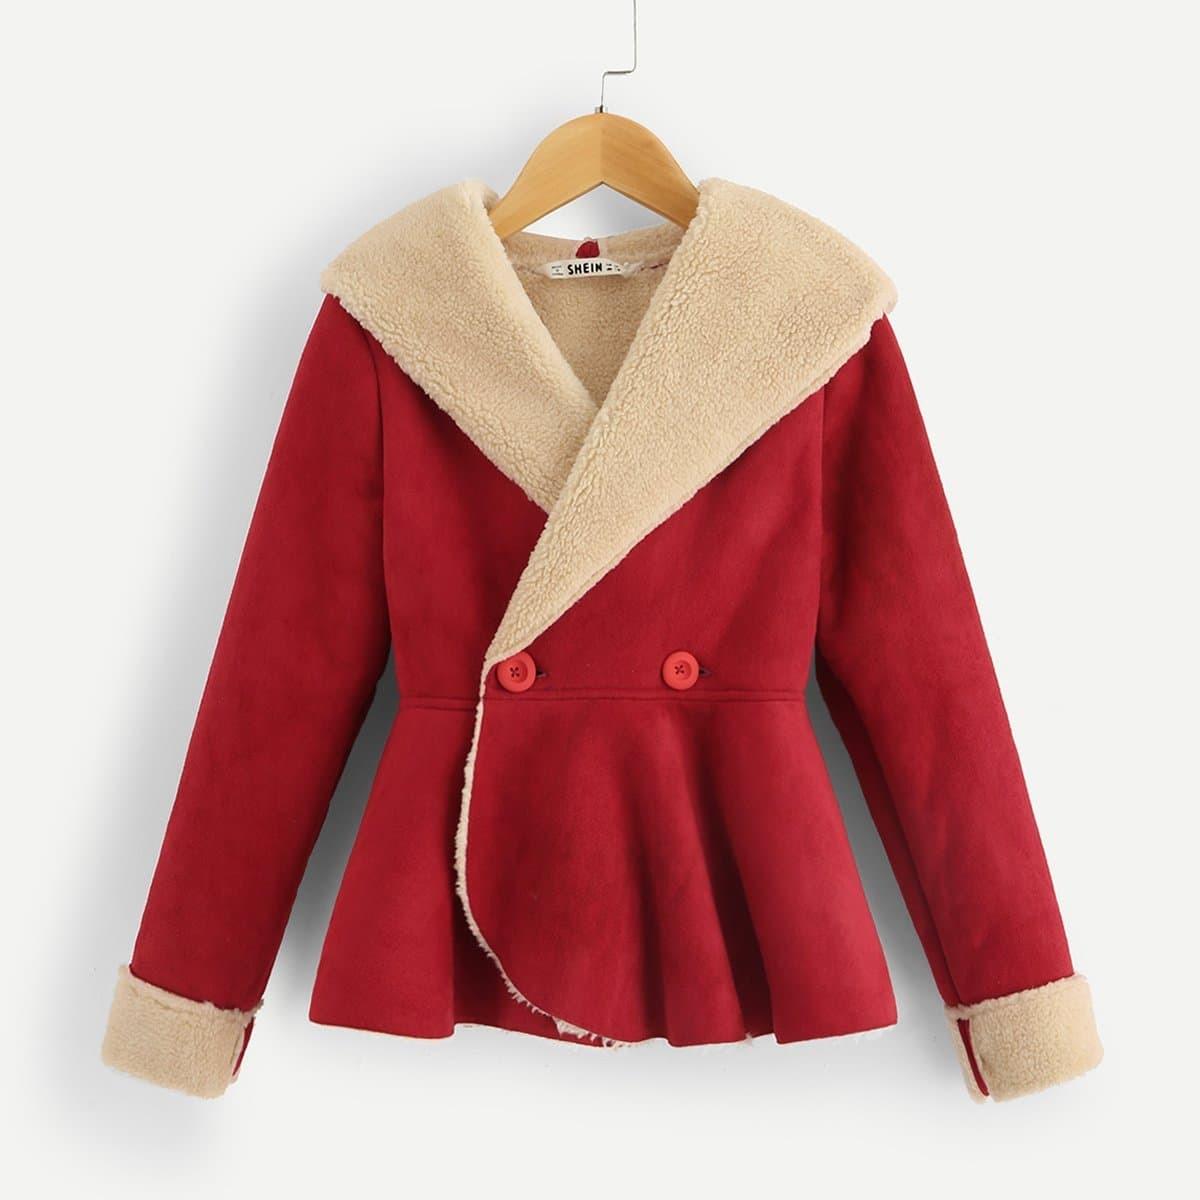 Пальто с подкладкой из флиса для девочек от SHEIN